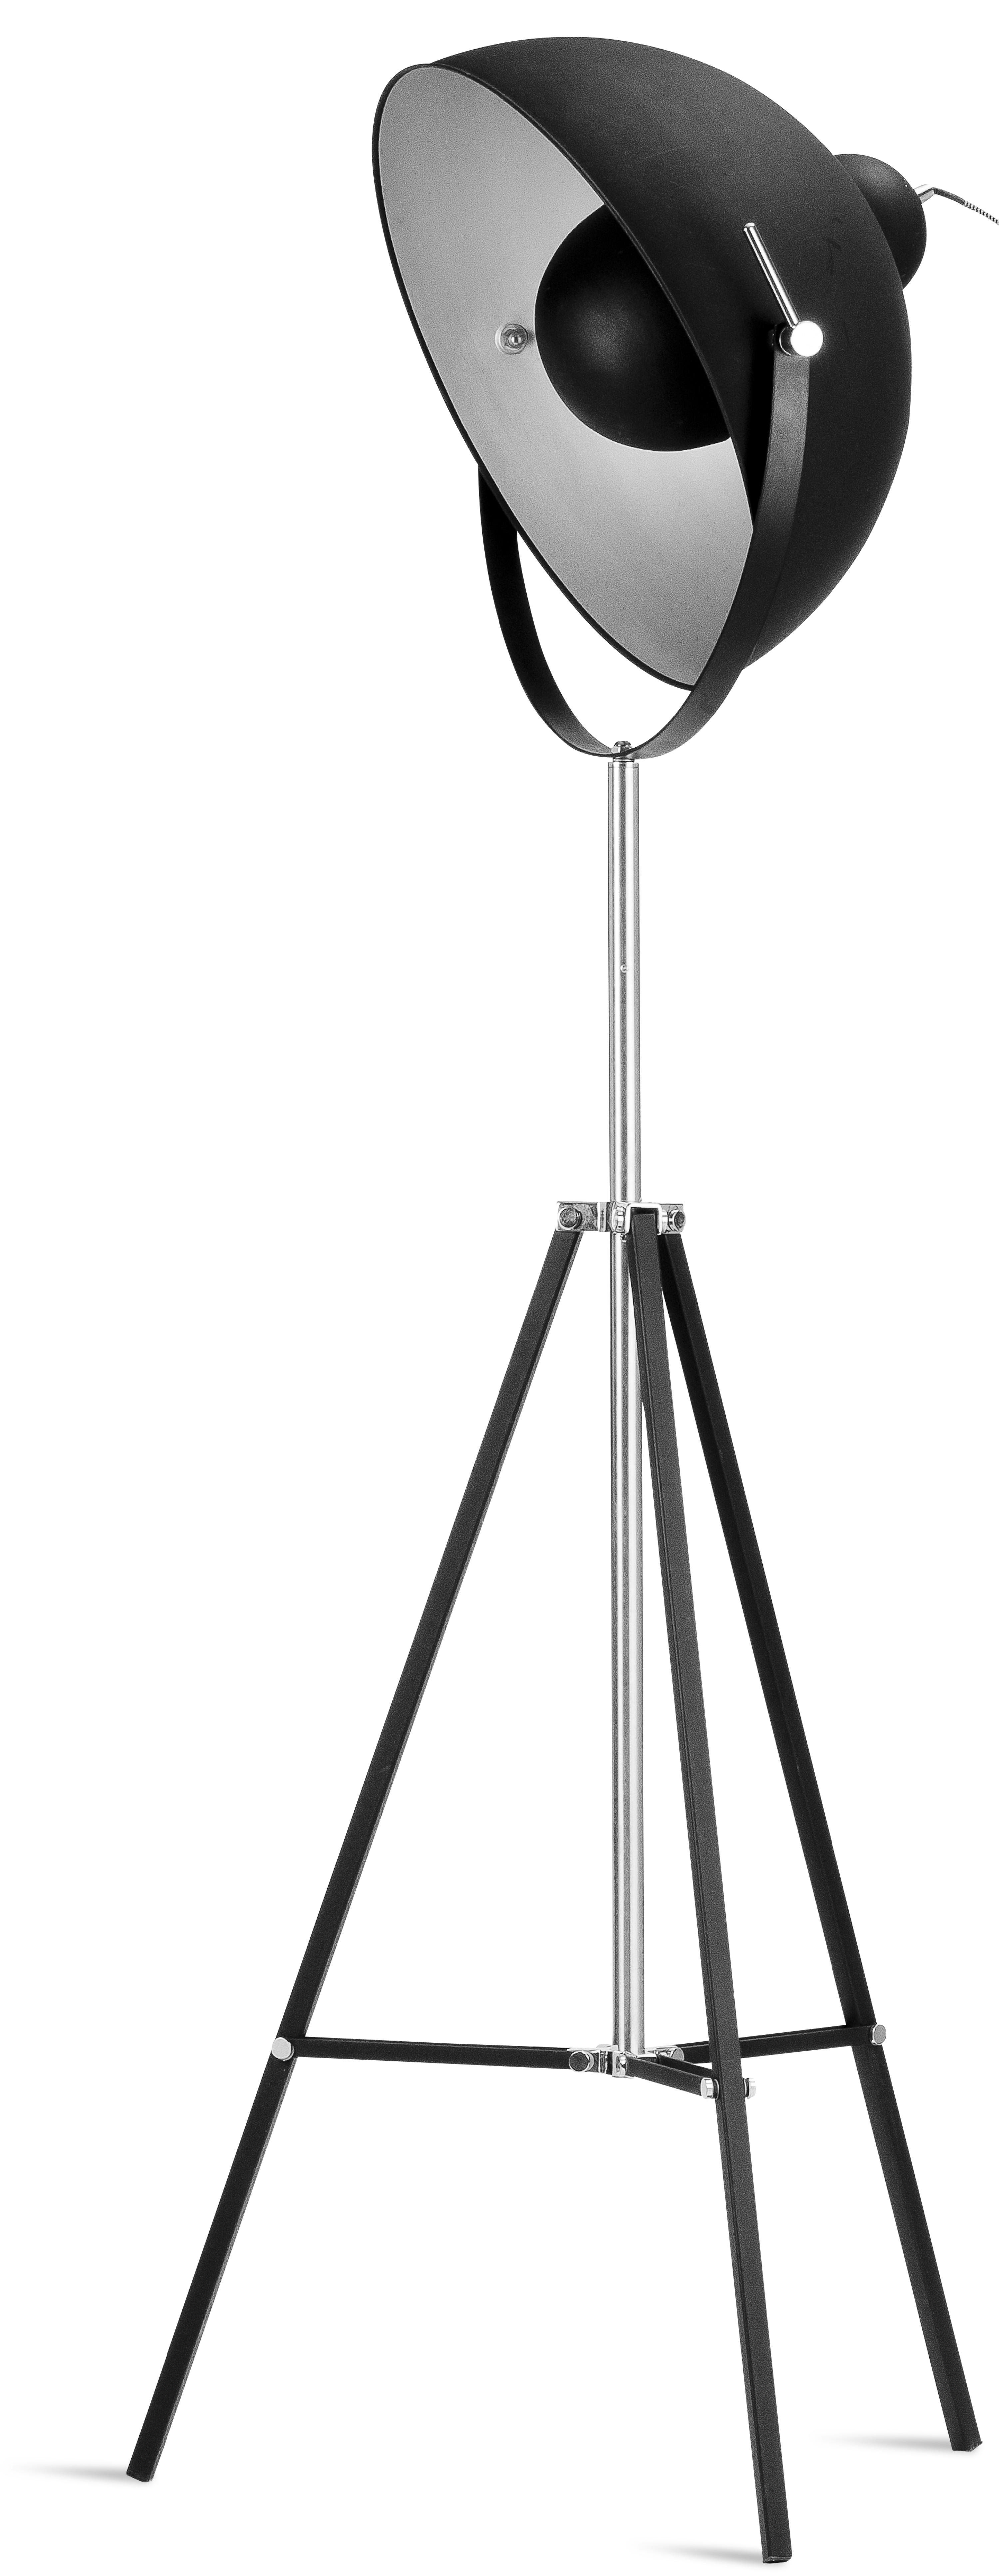 Lampadaire trépied noir H185cm